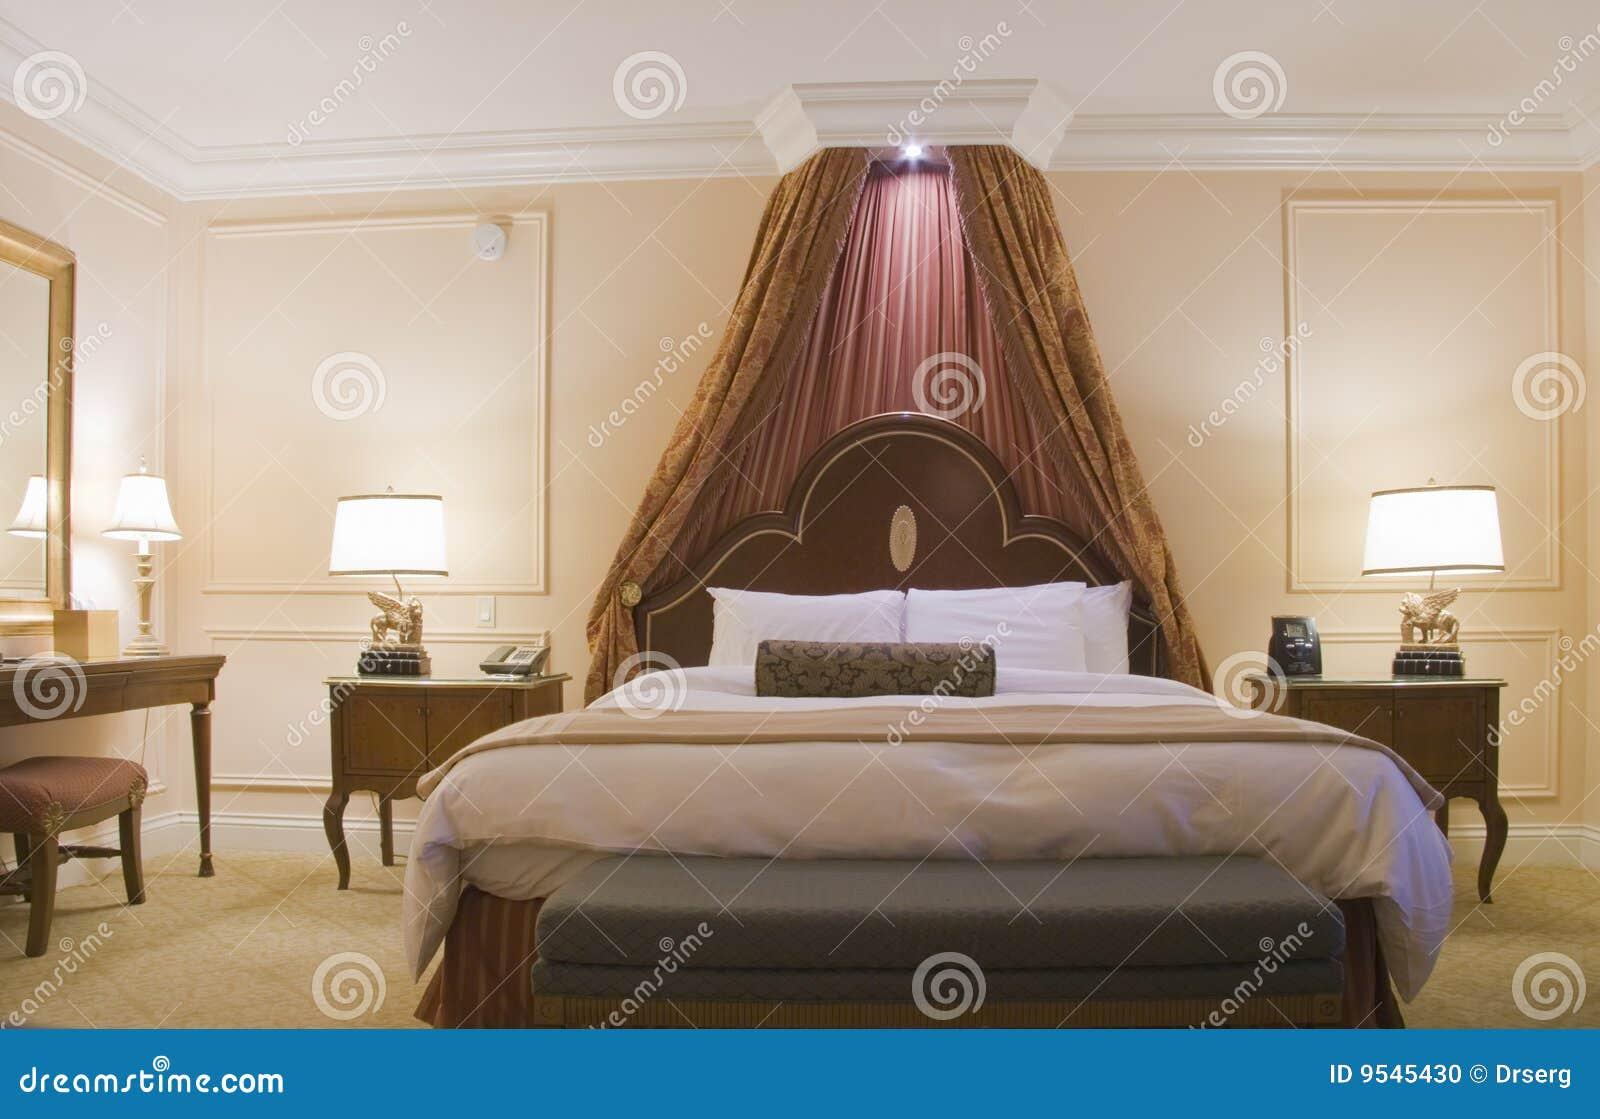 https://thumbs.dreamstime.com/z/formato-del-re-del-baldacchino-della-camera-da-letto-della-base-9545430.jpg